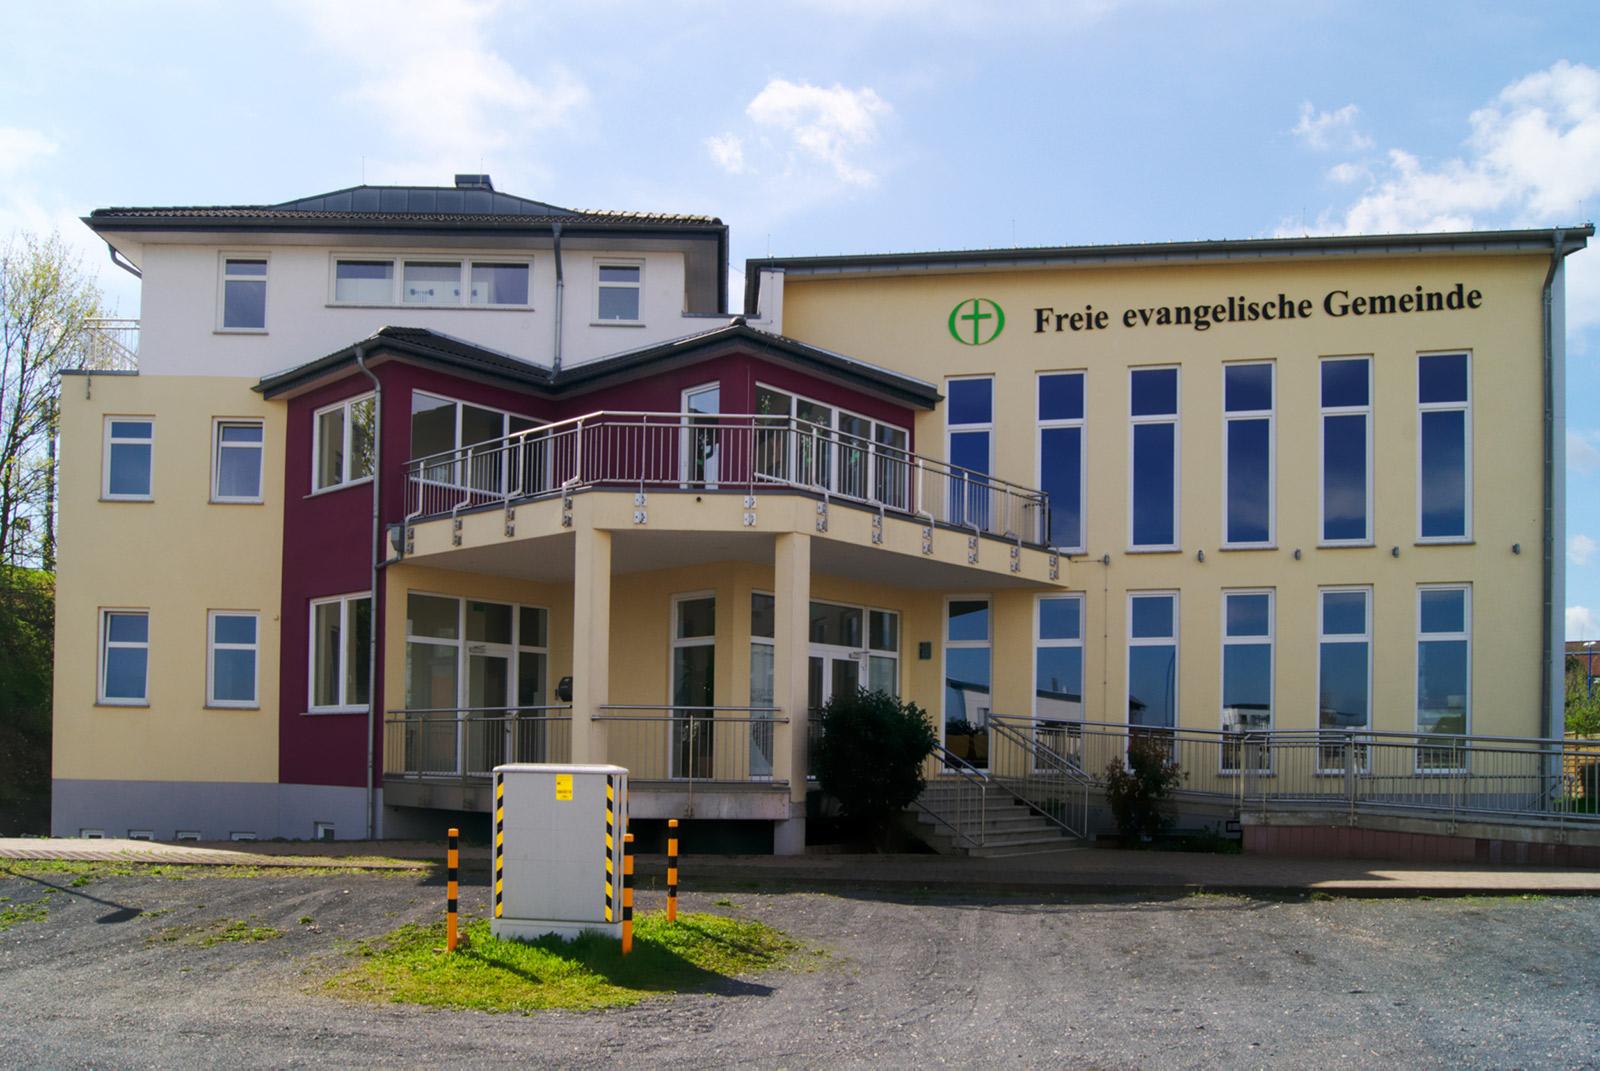 Freie evangelische Gemeinde Rheinbach - Evangelische